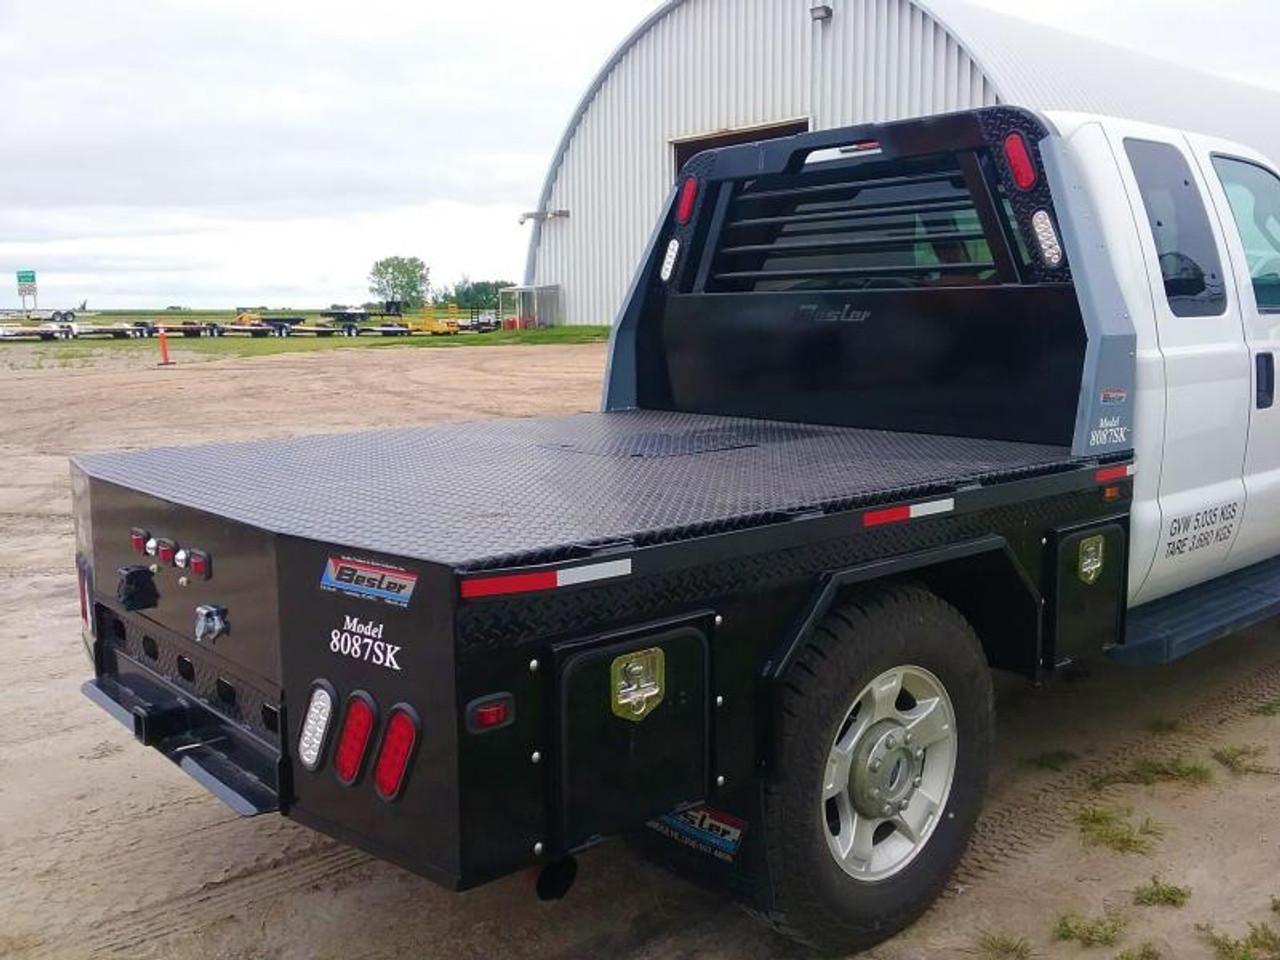 Besler Truck Bed - Series 8000